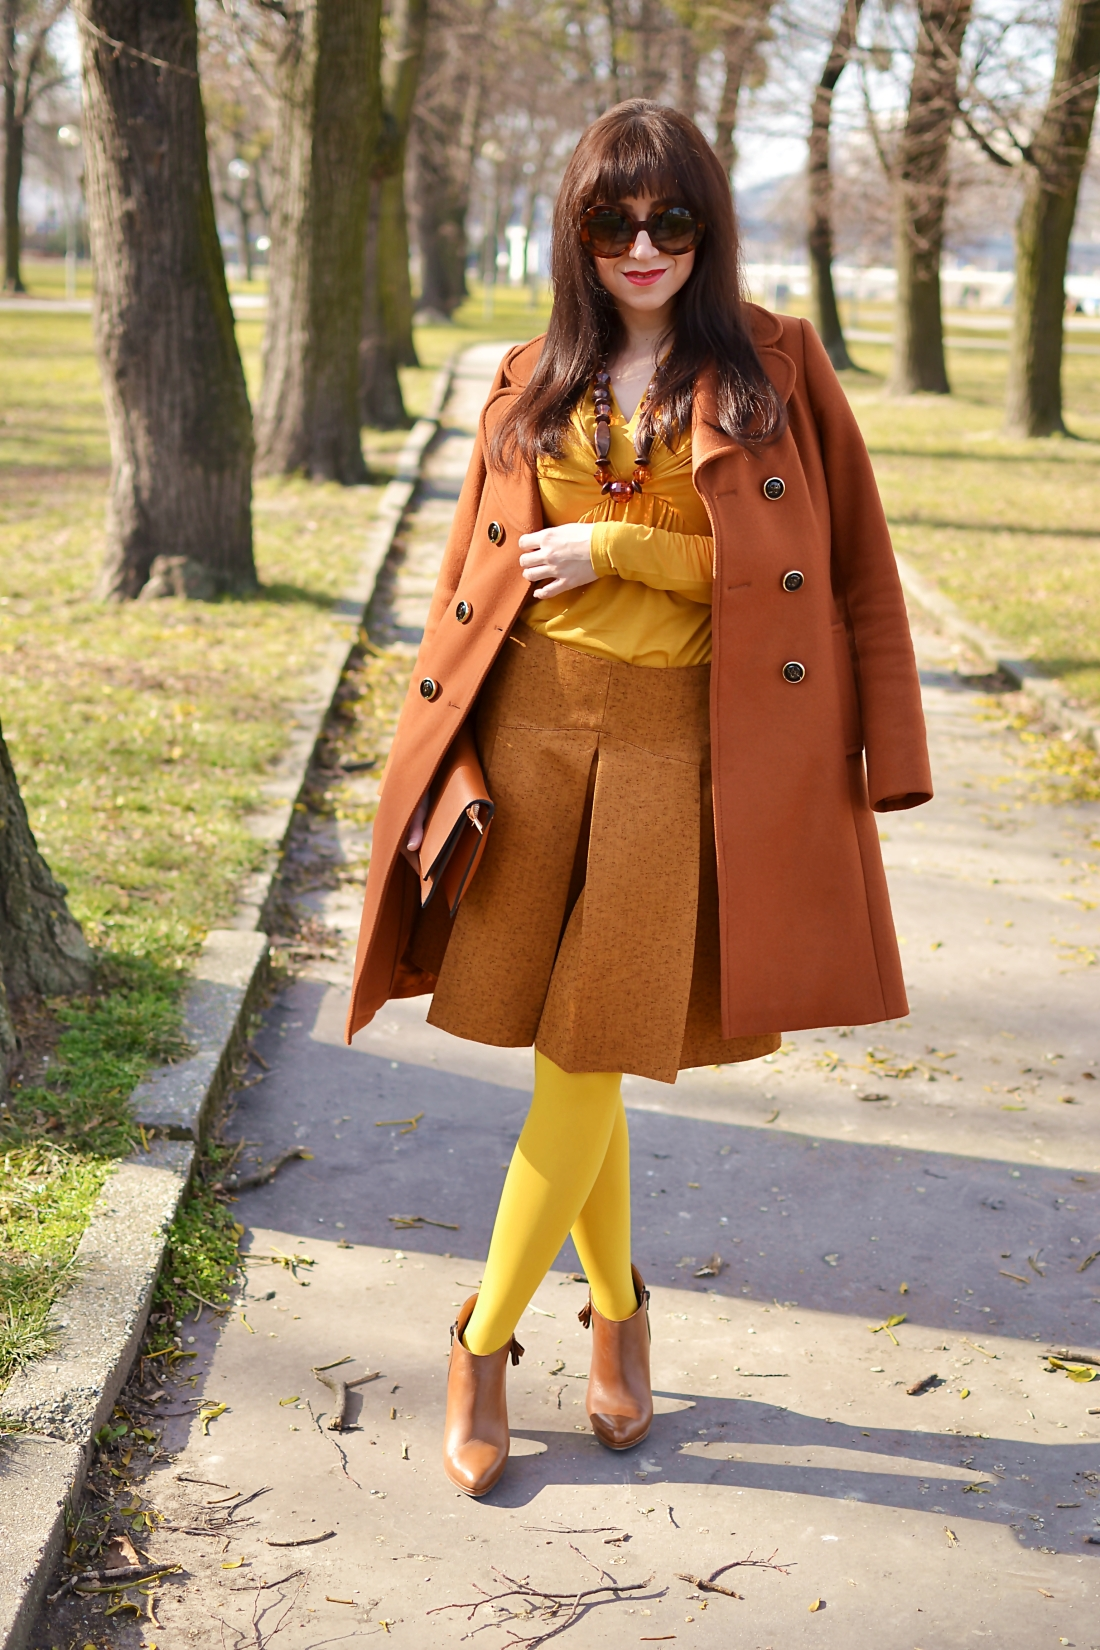 Založené 2014_Katharine-fashion is beautiful_blog 1_Dunajský pivovar_Žlté pančuchy_Hnedý kabát_Koňaková skladaná sukňa_Katarína Jakubčová_Fashion blogger_Outfit